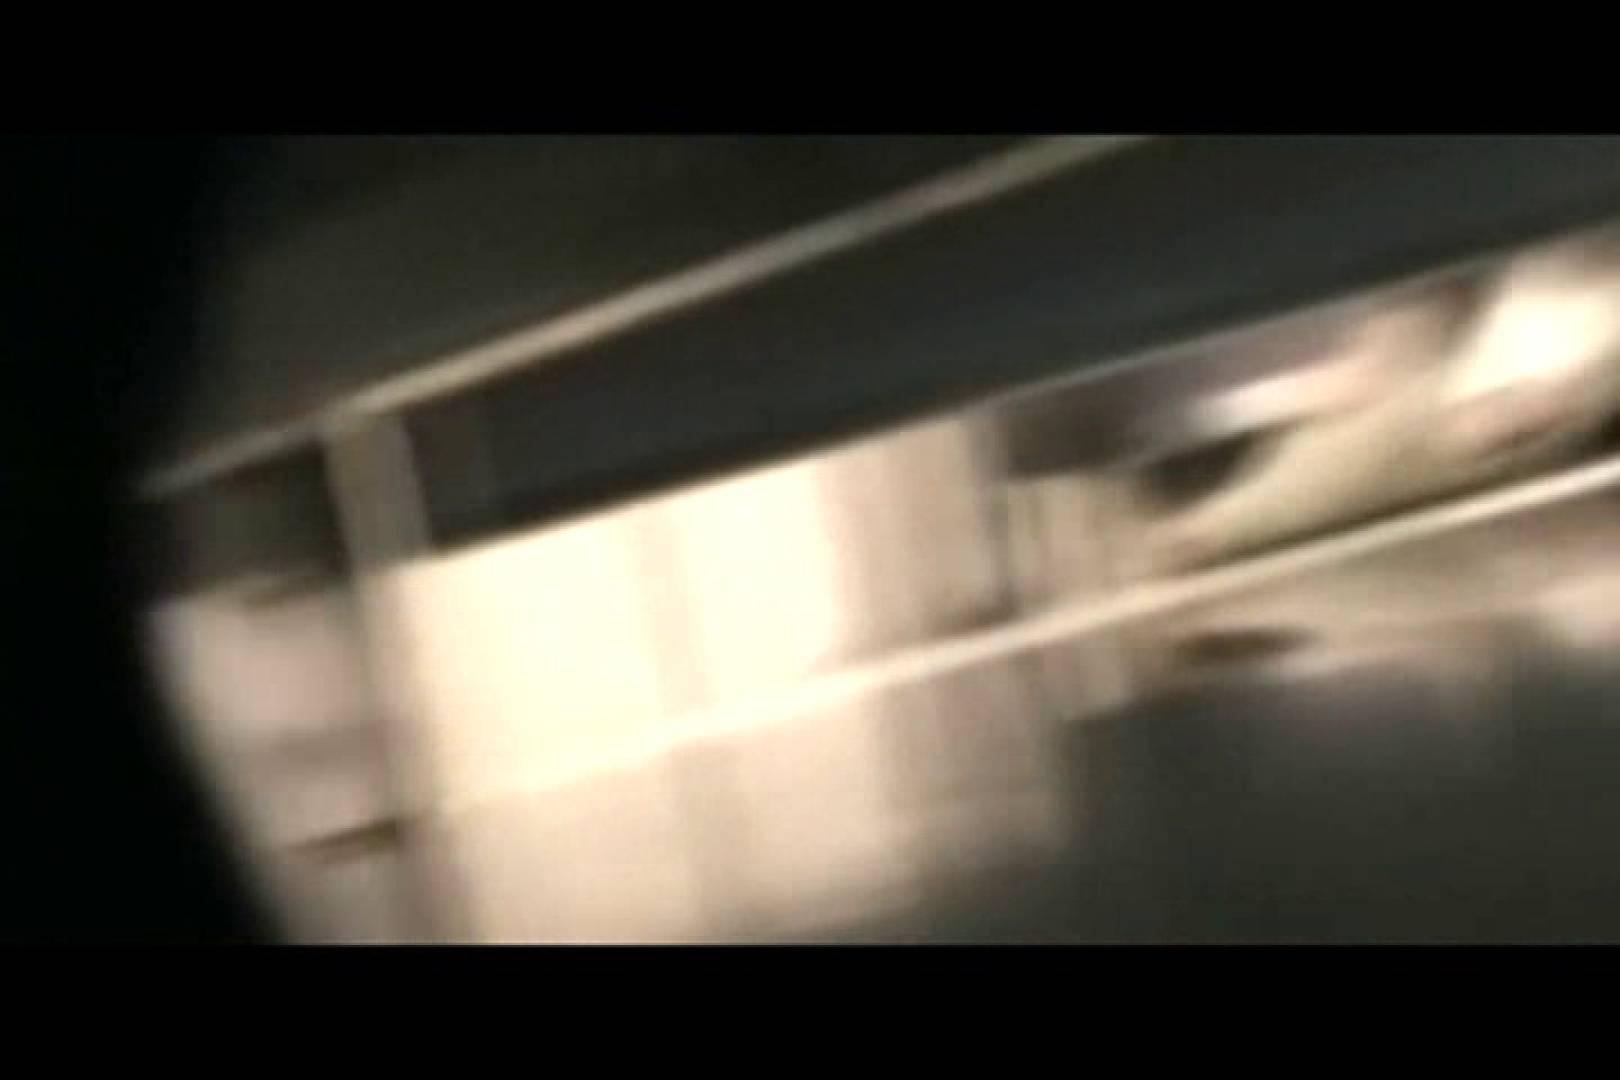 ぼっとん洗面所スペシャルVol.17 OLエロ画像  74PICs 57